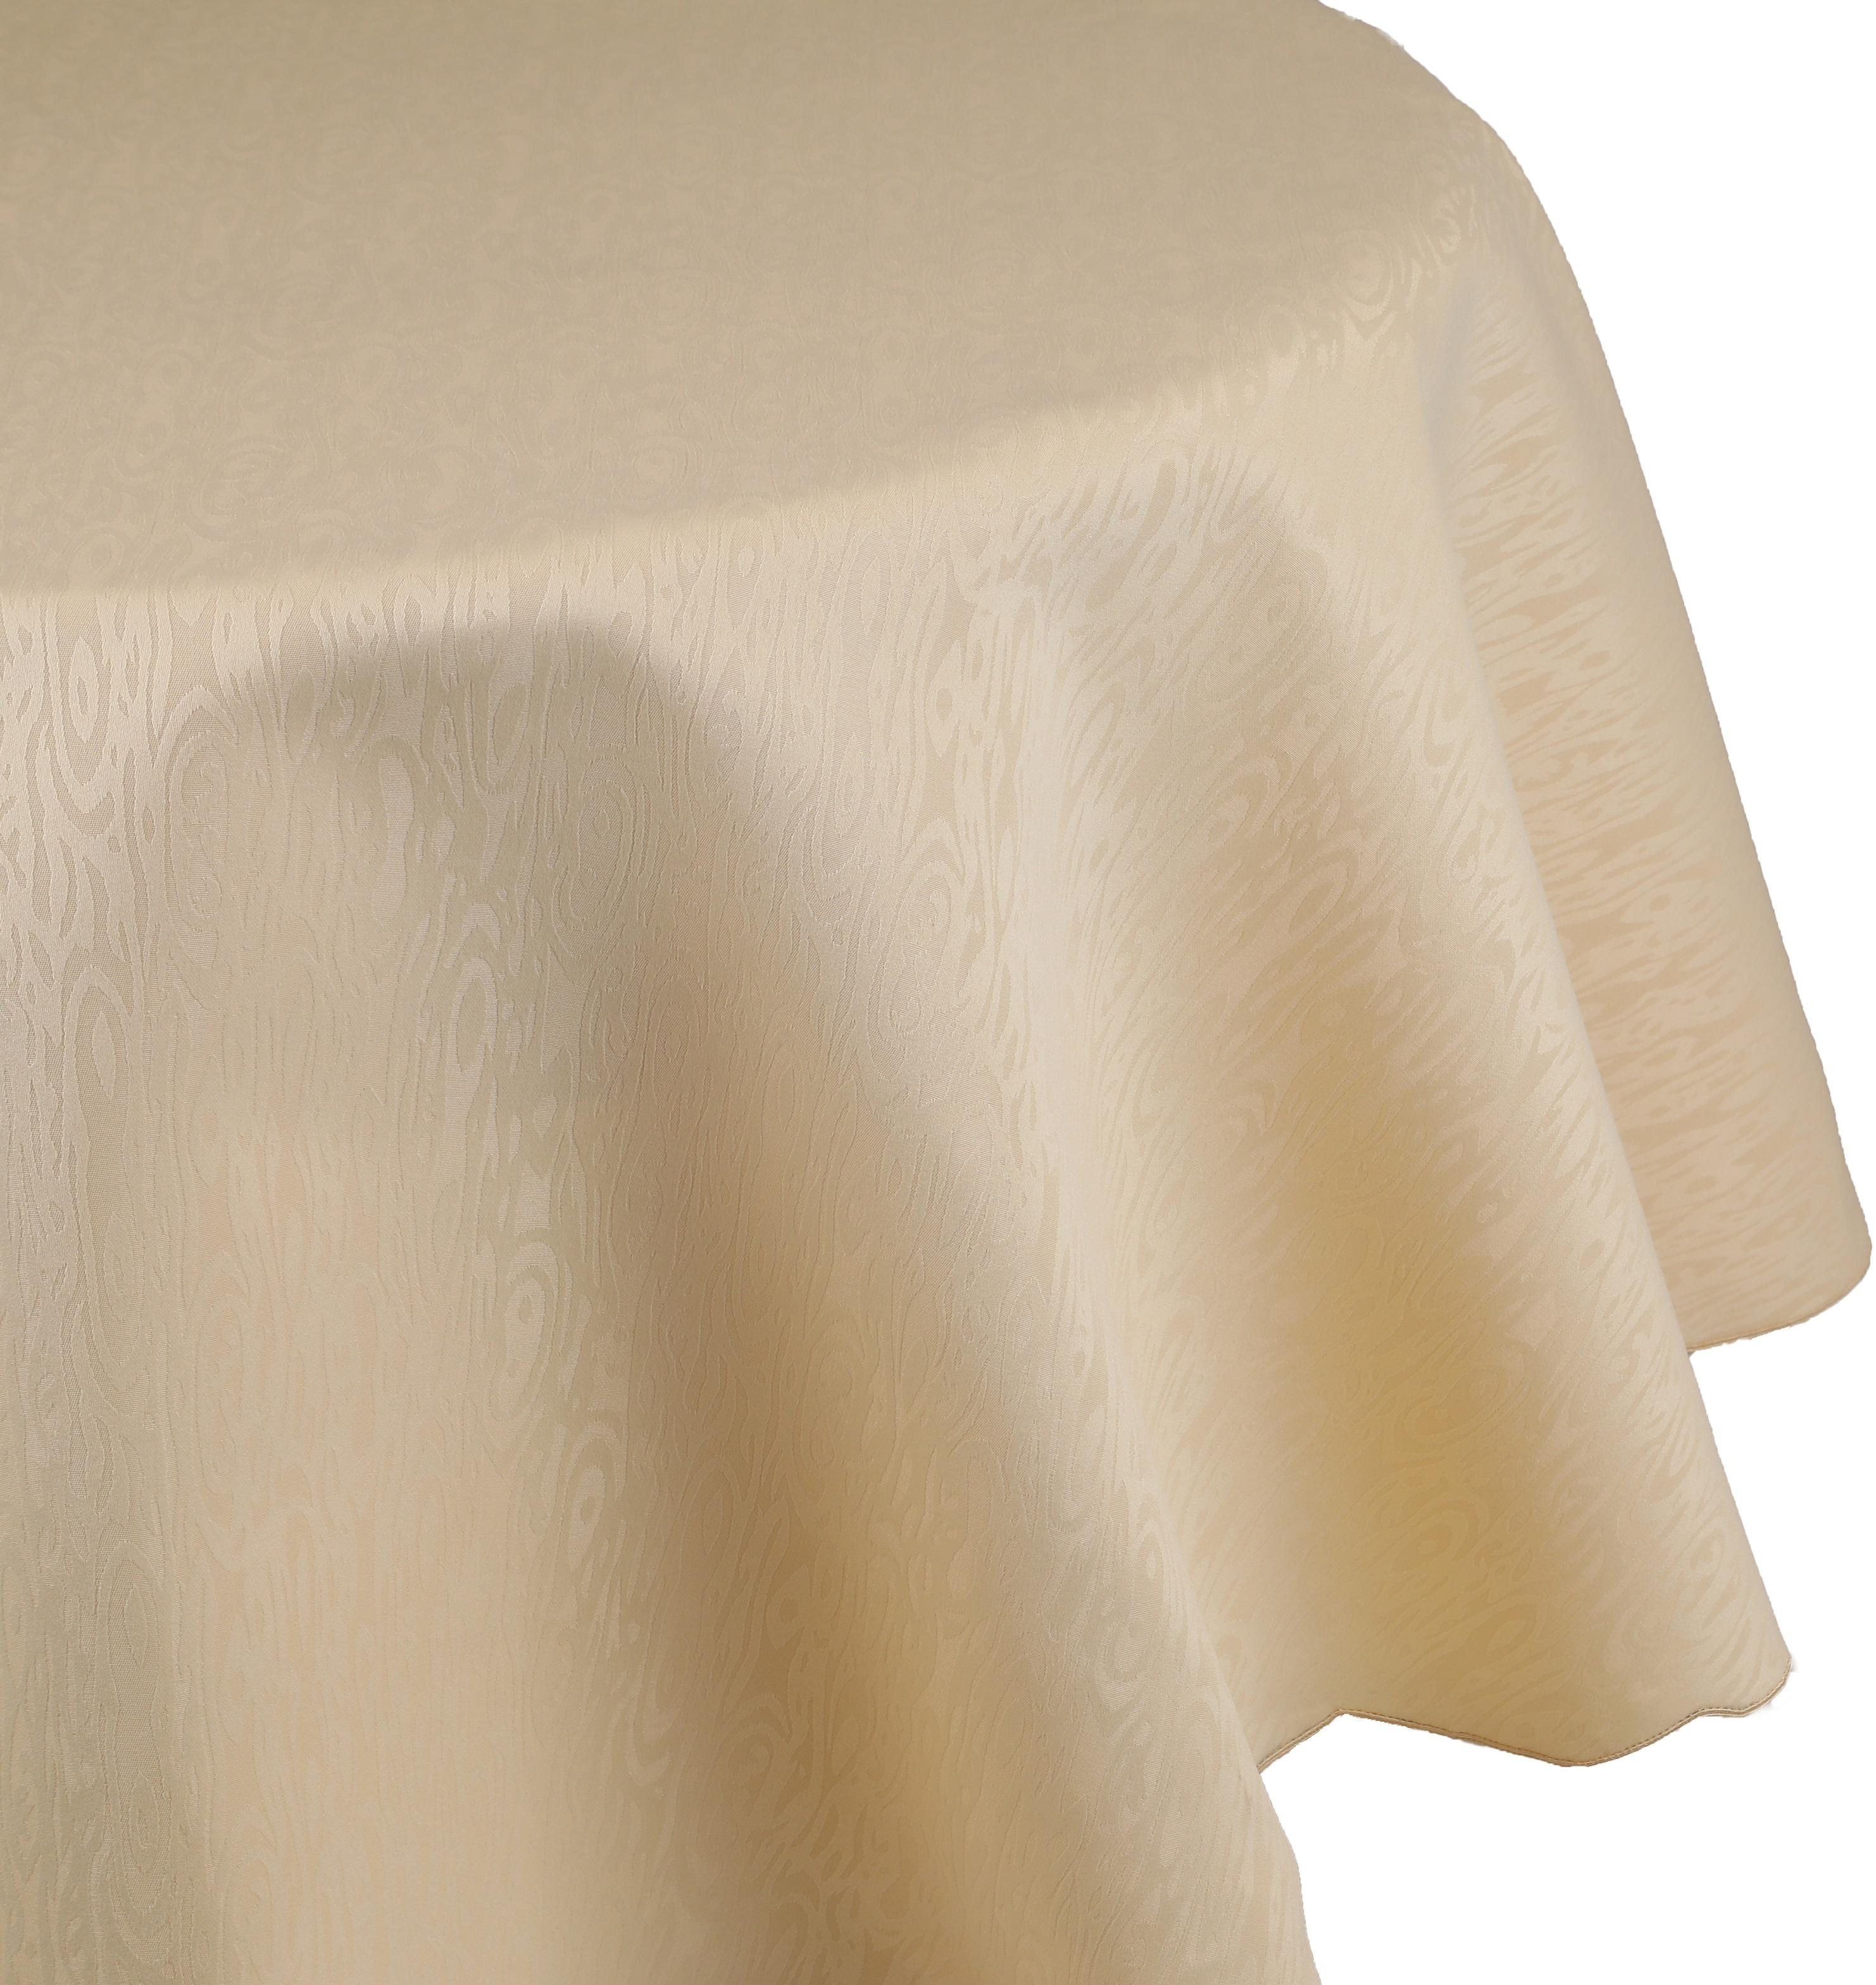 betz nappe jacquard linge de table dessin 7 couleur jaune clair. Black Bedroom Furniture Sets. Home Design Ideas